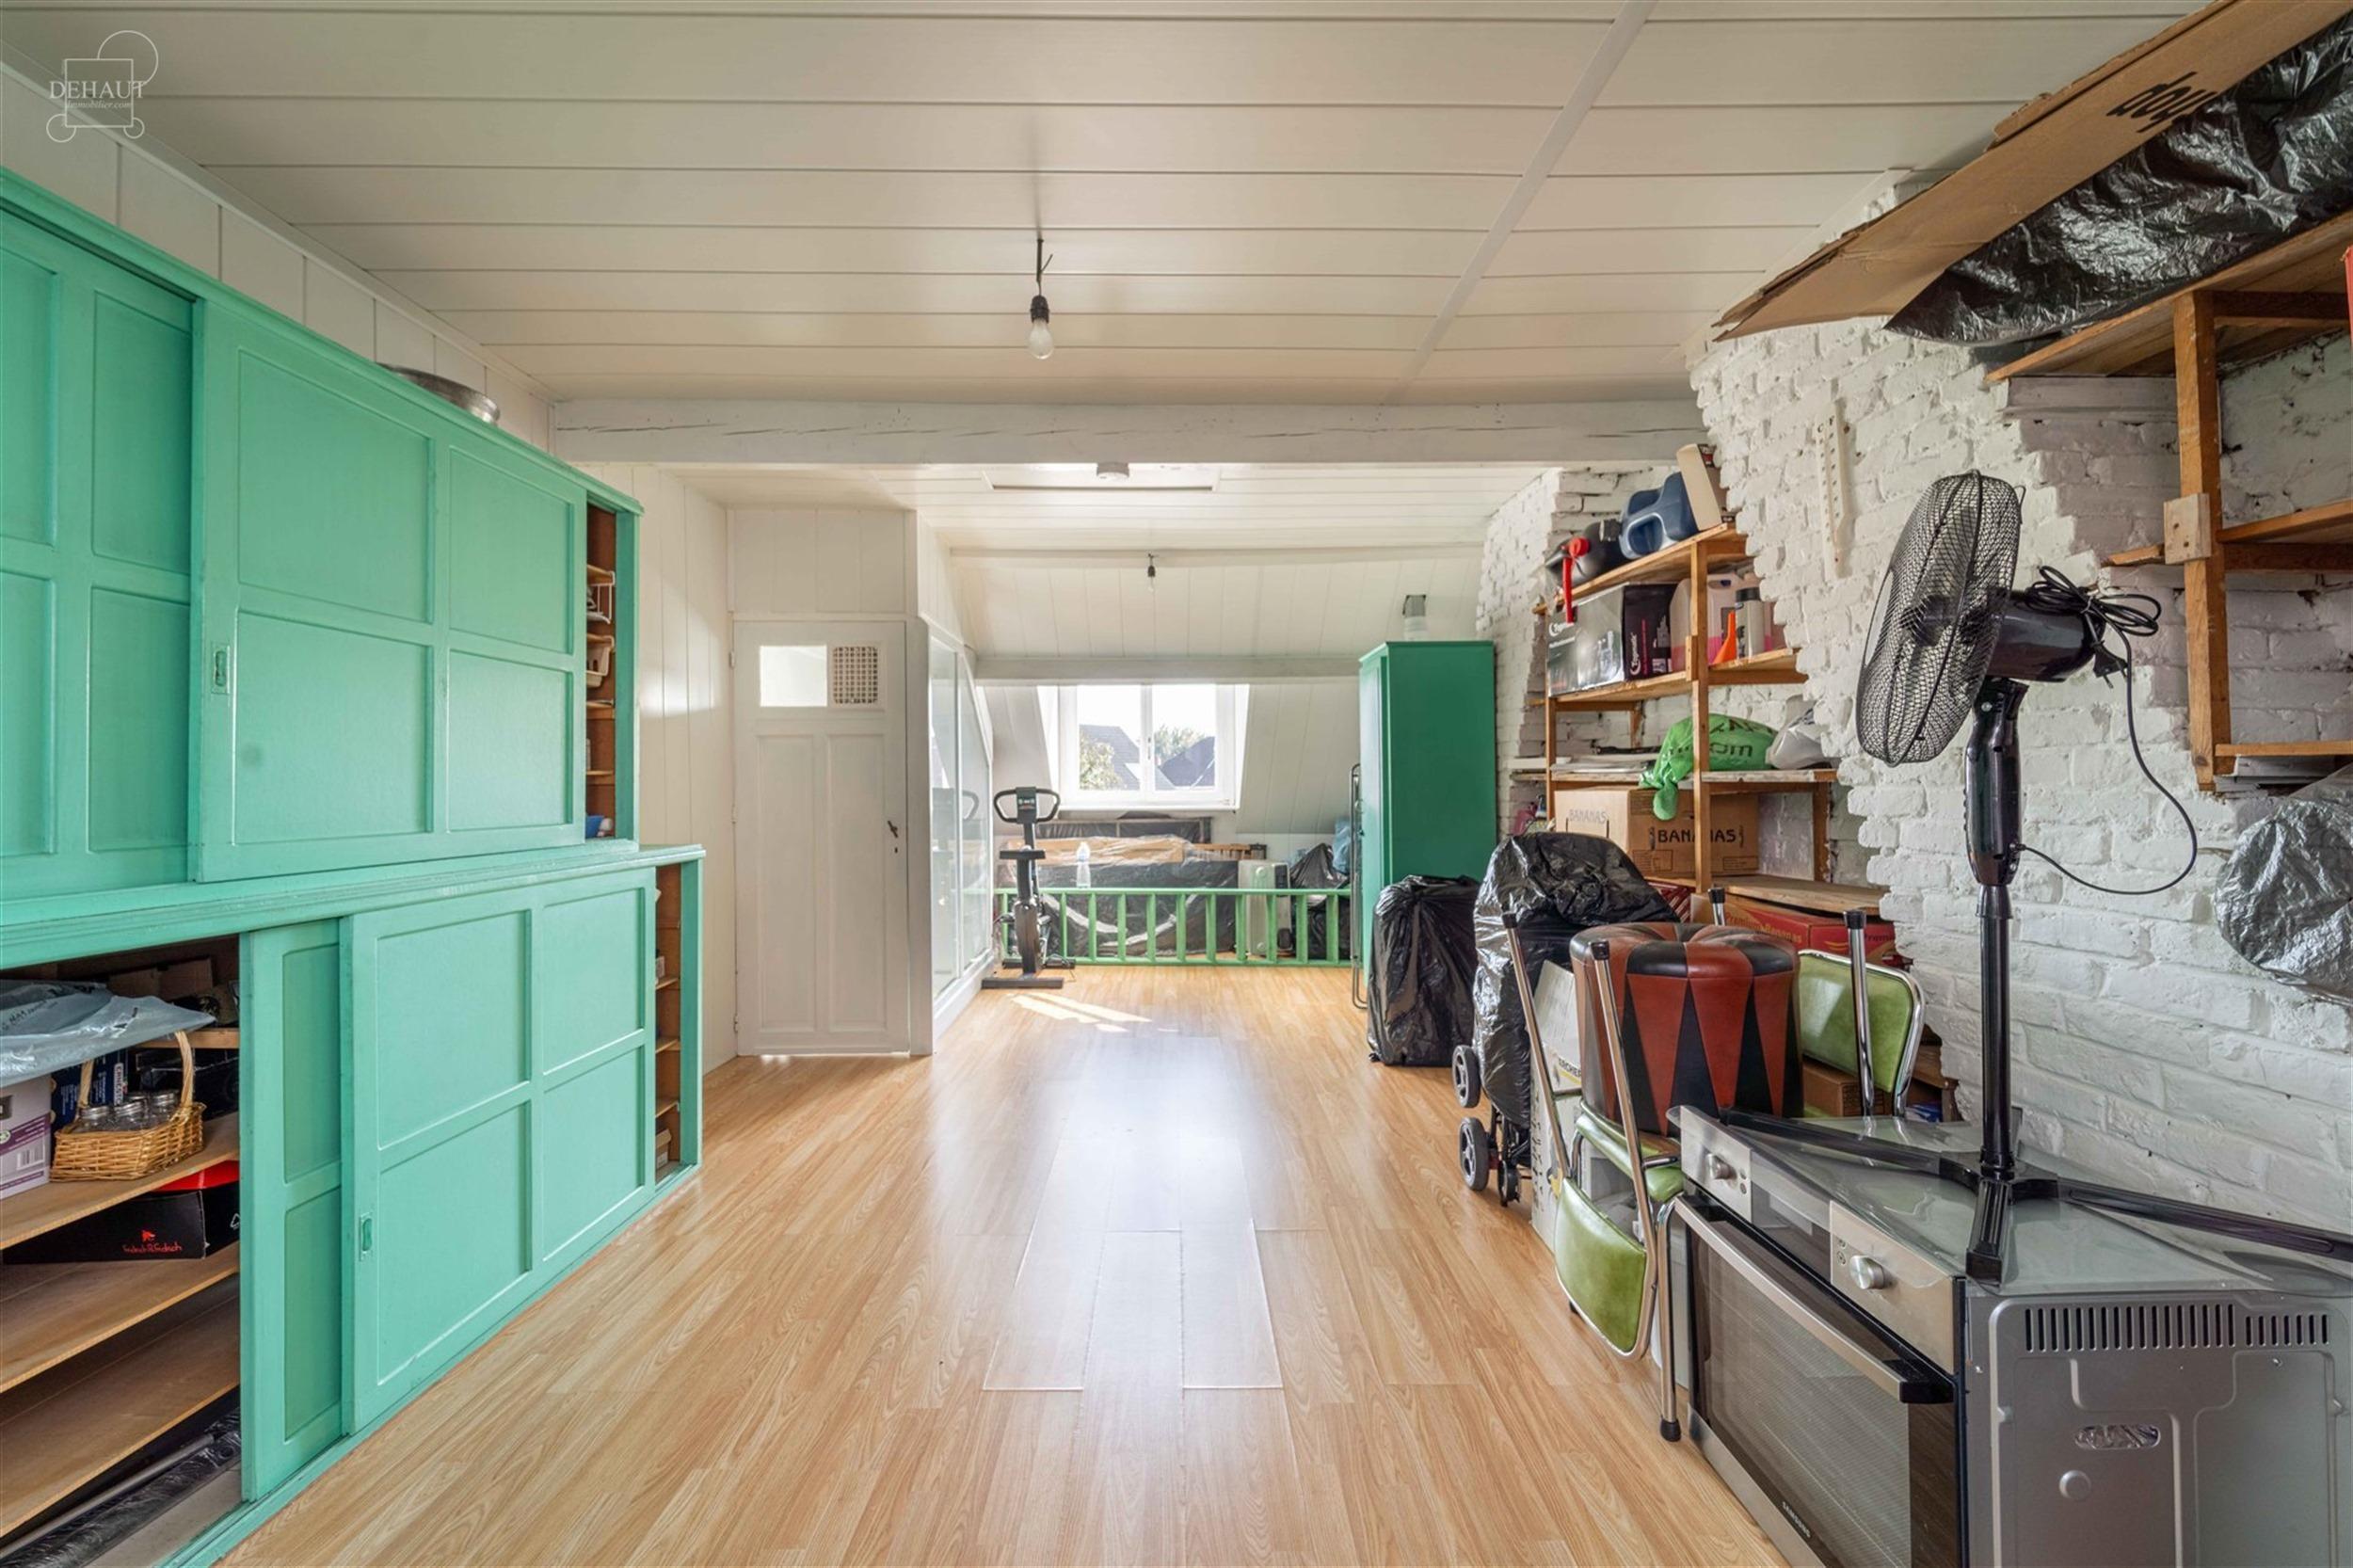 Maison de ville proposant un salon, un séjour, une cuisine semi-équipée, une salle de bain avec WC et 3 chambres. TAE direct, C.C au gaz, électric...